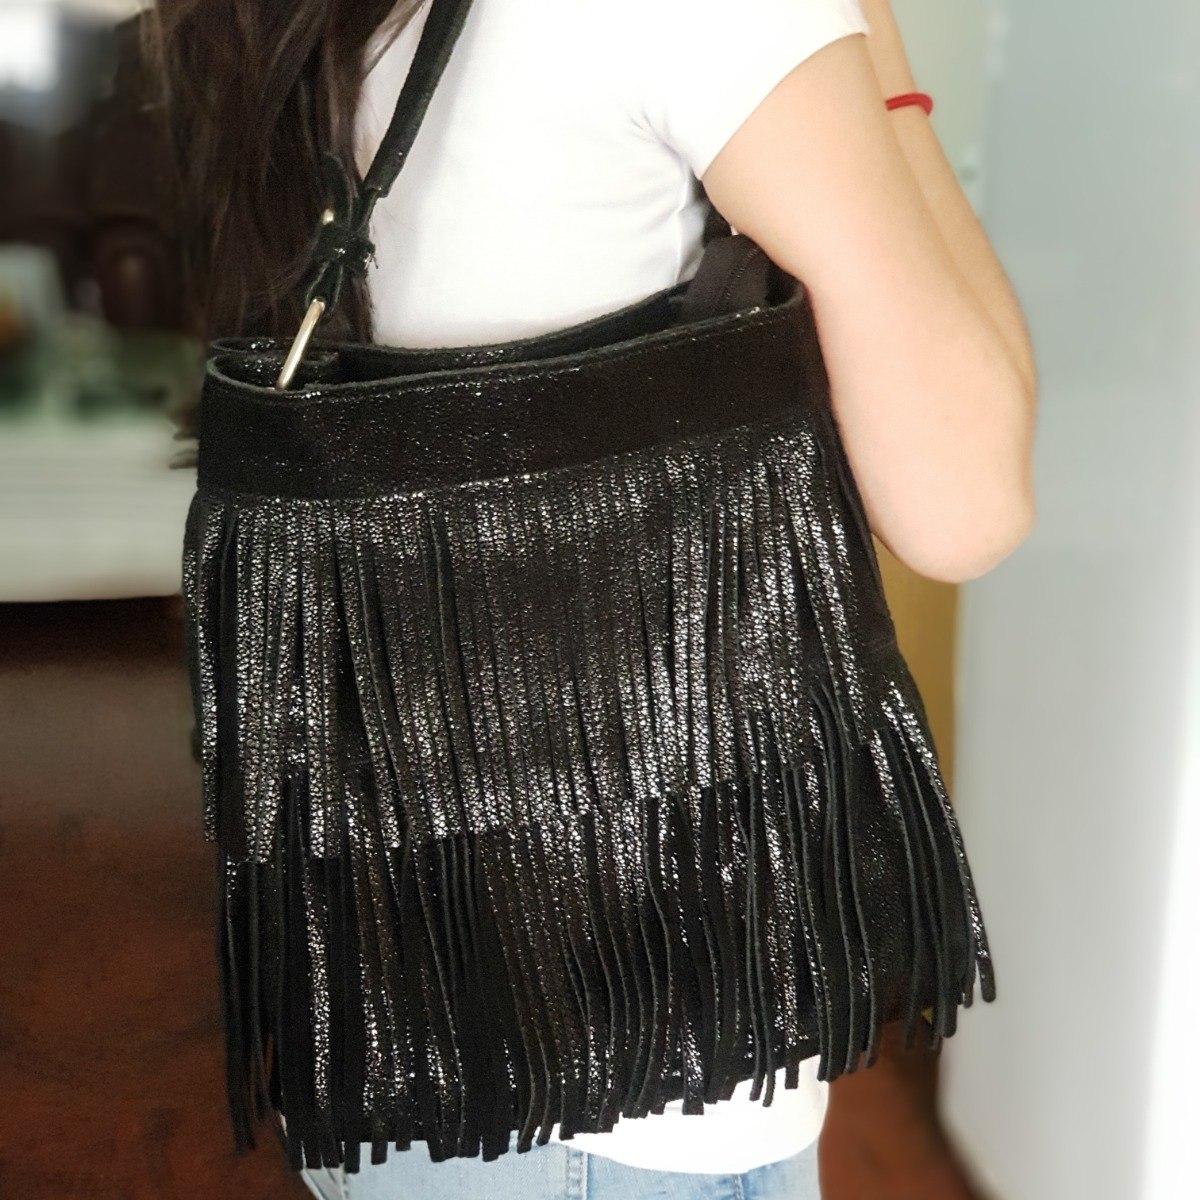 e7baaa8cc4d78 prune cartera bolso hombro cuero negro brillo flecos navidad. Cargando zoom.